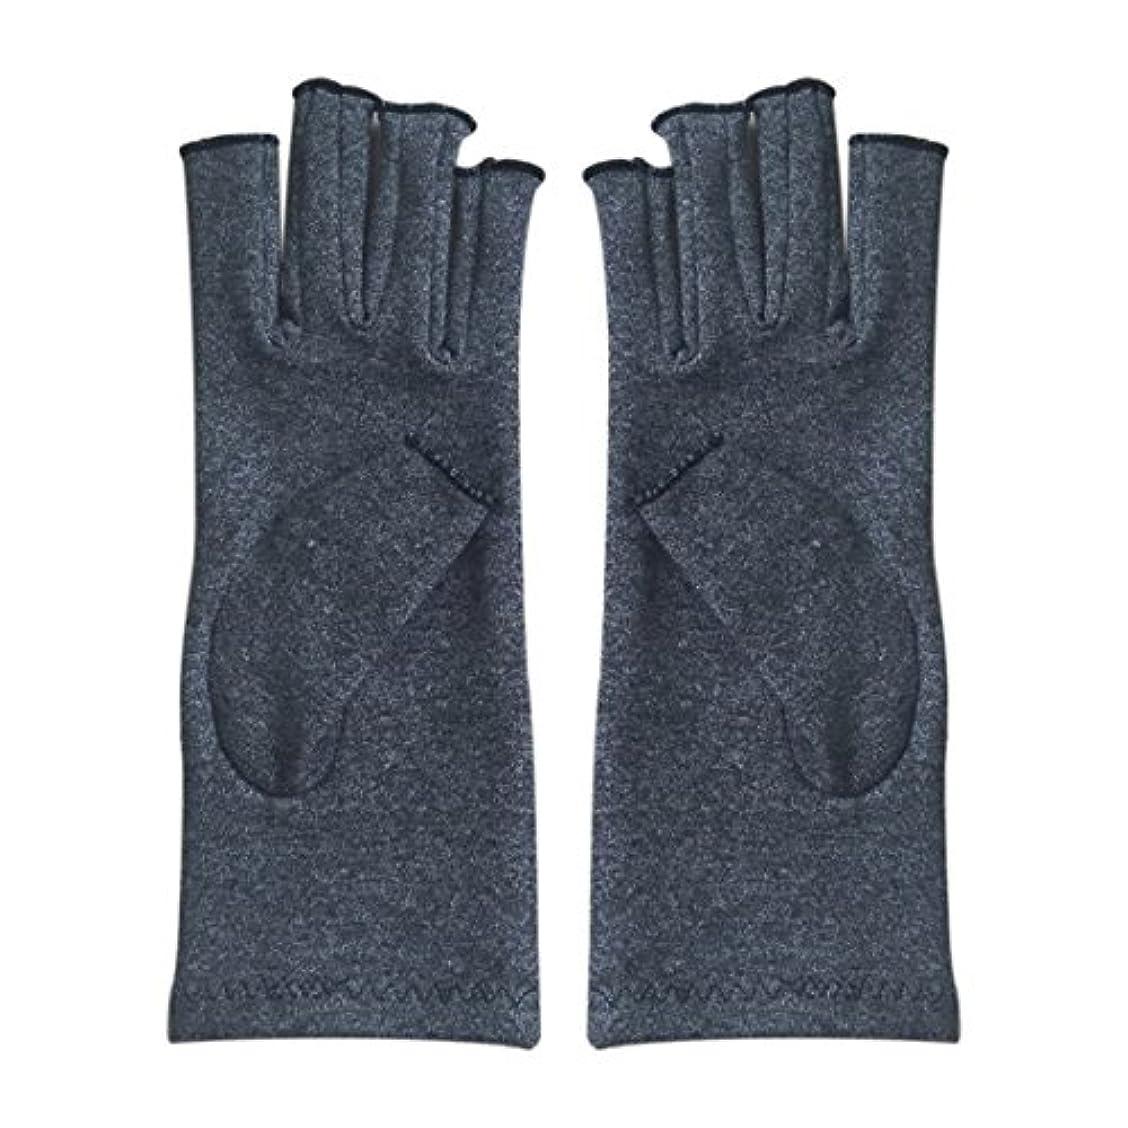 グリーンバックメタルラインなんとなくACAMPTAR 1ペア成人男性女性用弾性コットンコンプレッション手袋手関節炎関節痛鎮痛軽減M - 灰色、M